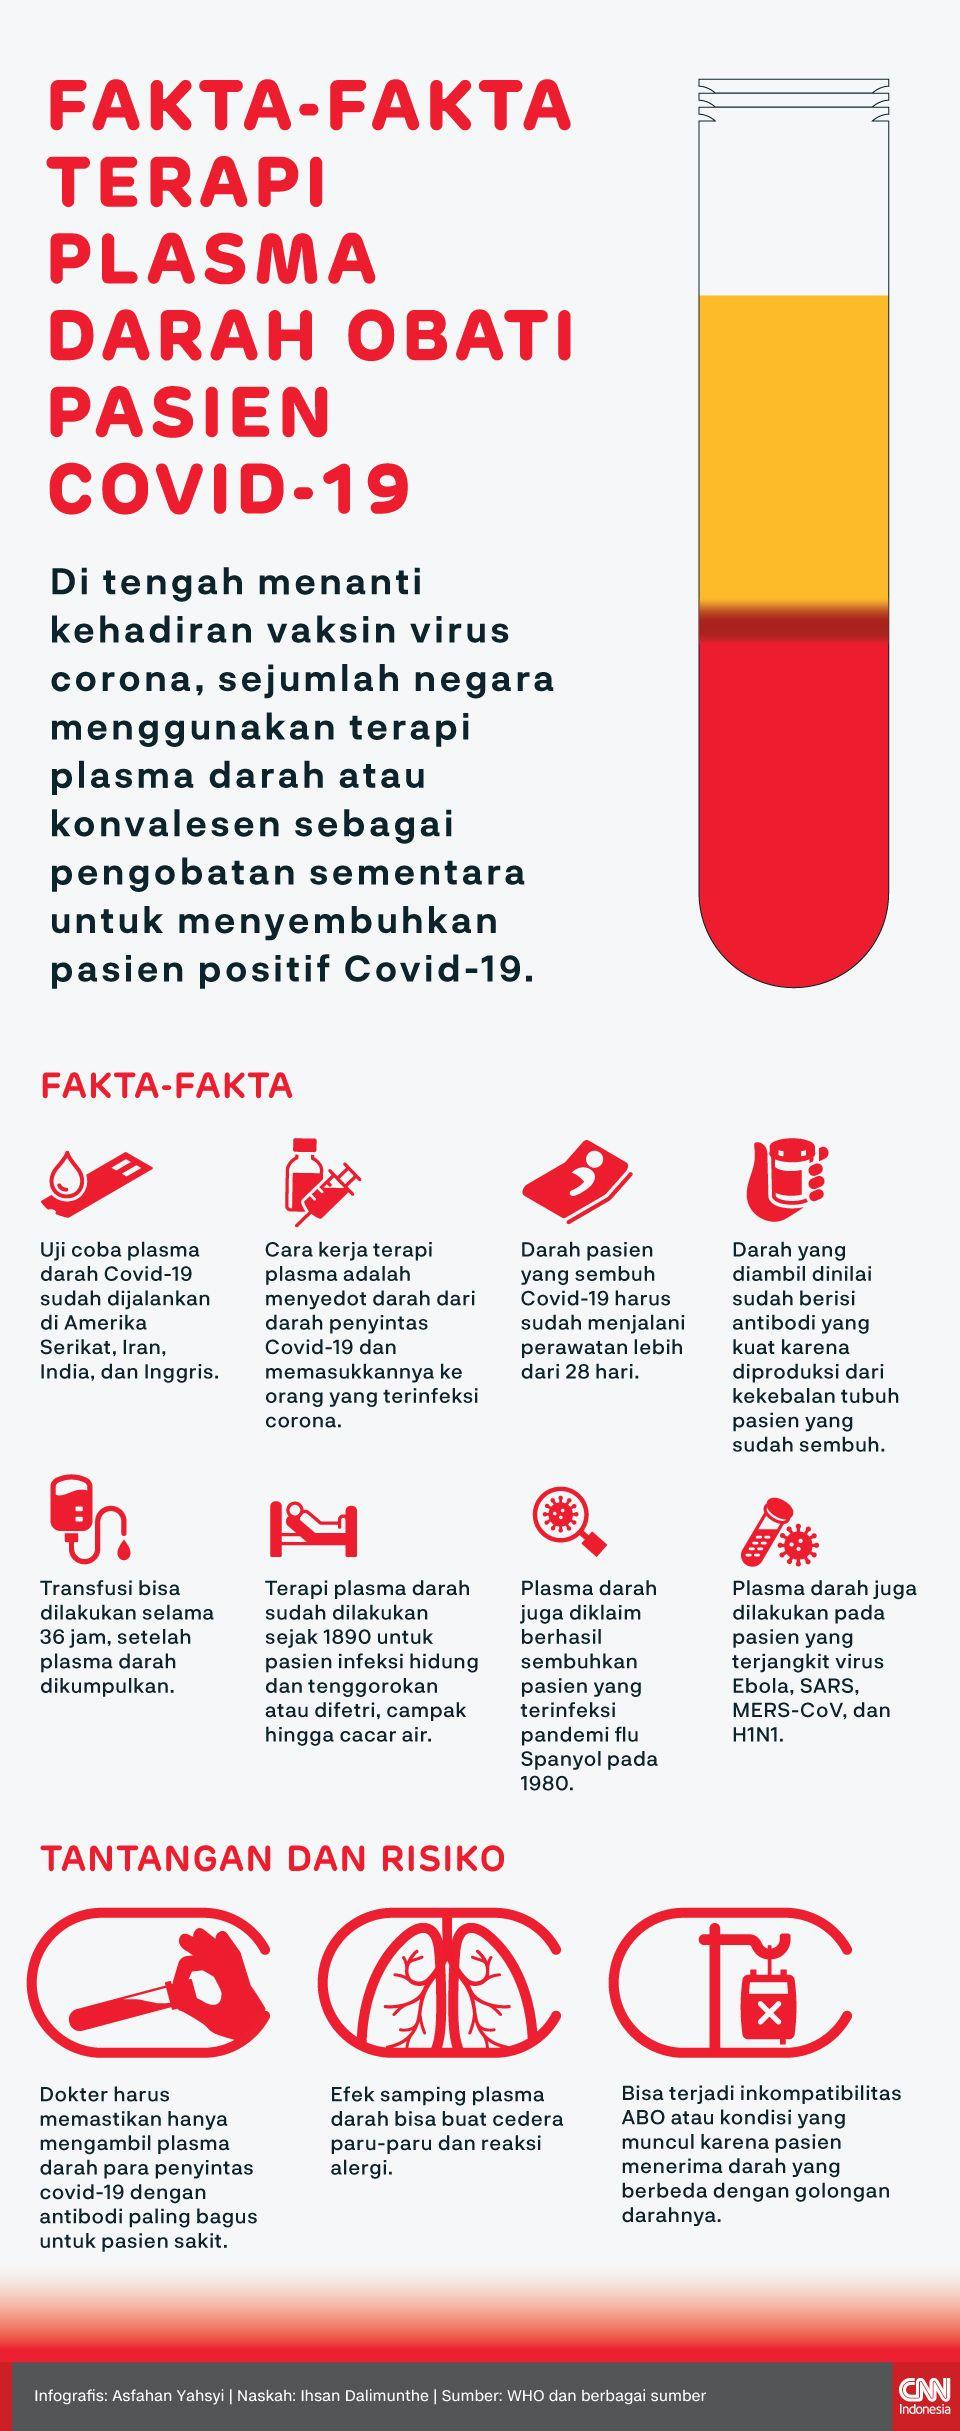 Gejala Penyakit  Obat Tradisional Infografis Fakta-fakta Terapi Plasma Darah Obati Pasien Covid-19